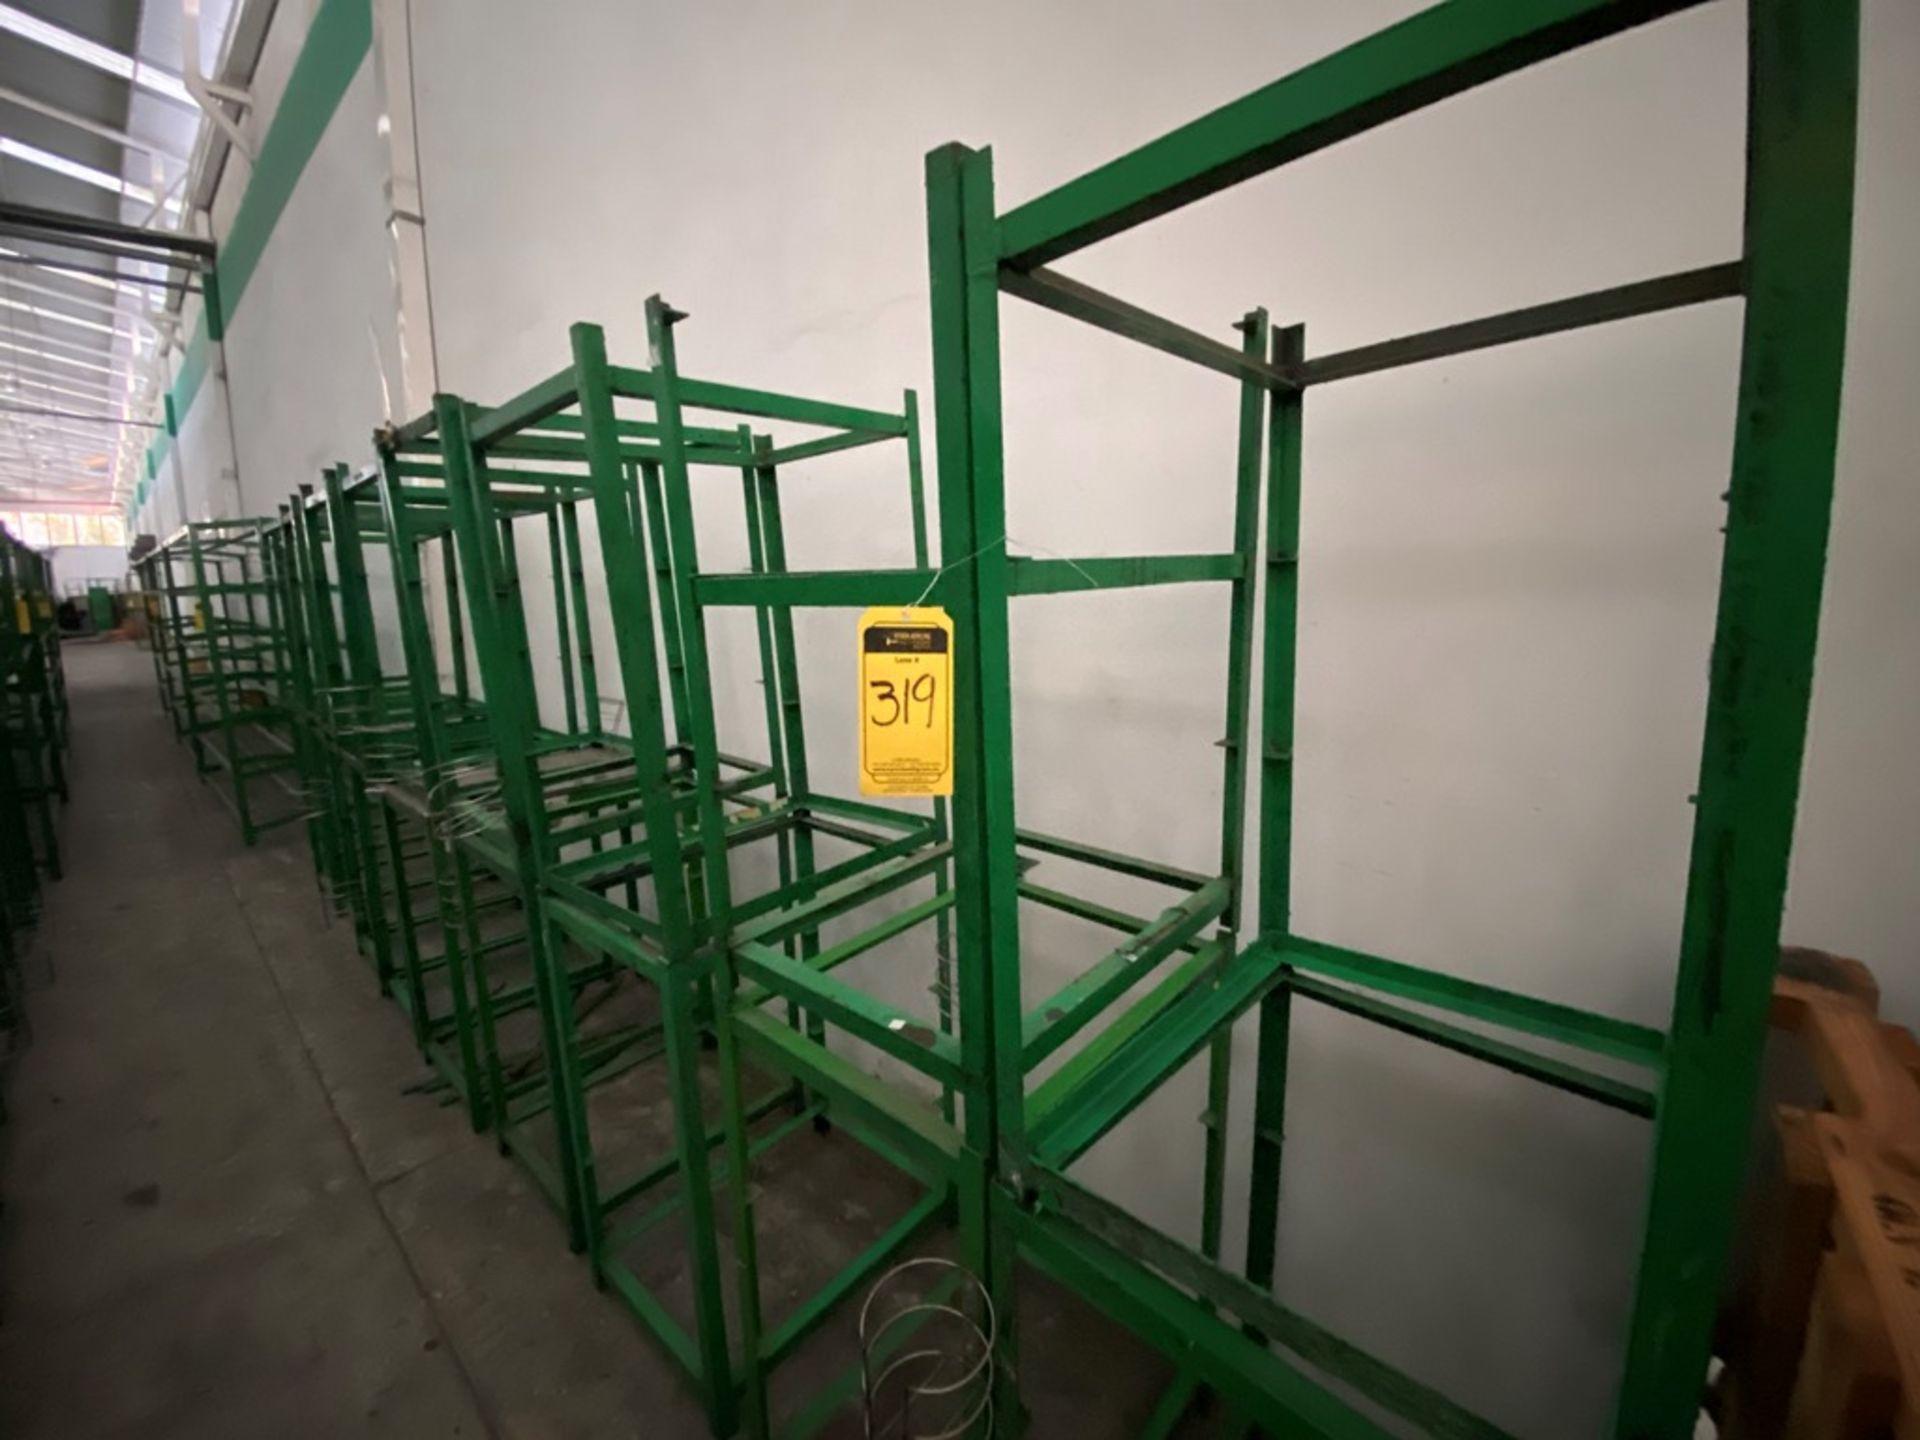 Aproximadamente 80 estantes metálicos en PTR y ángulo de diferentes medidas - Image 4 of 8